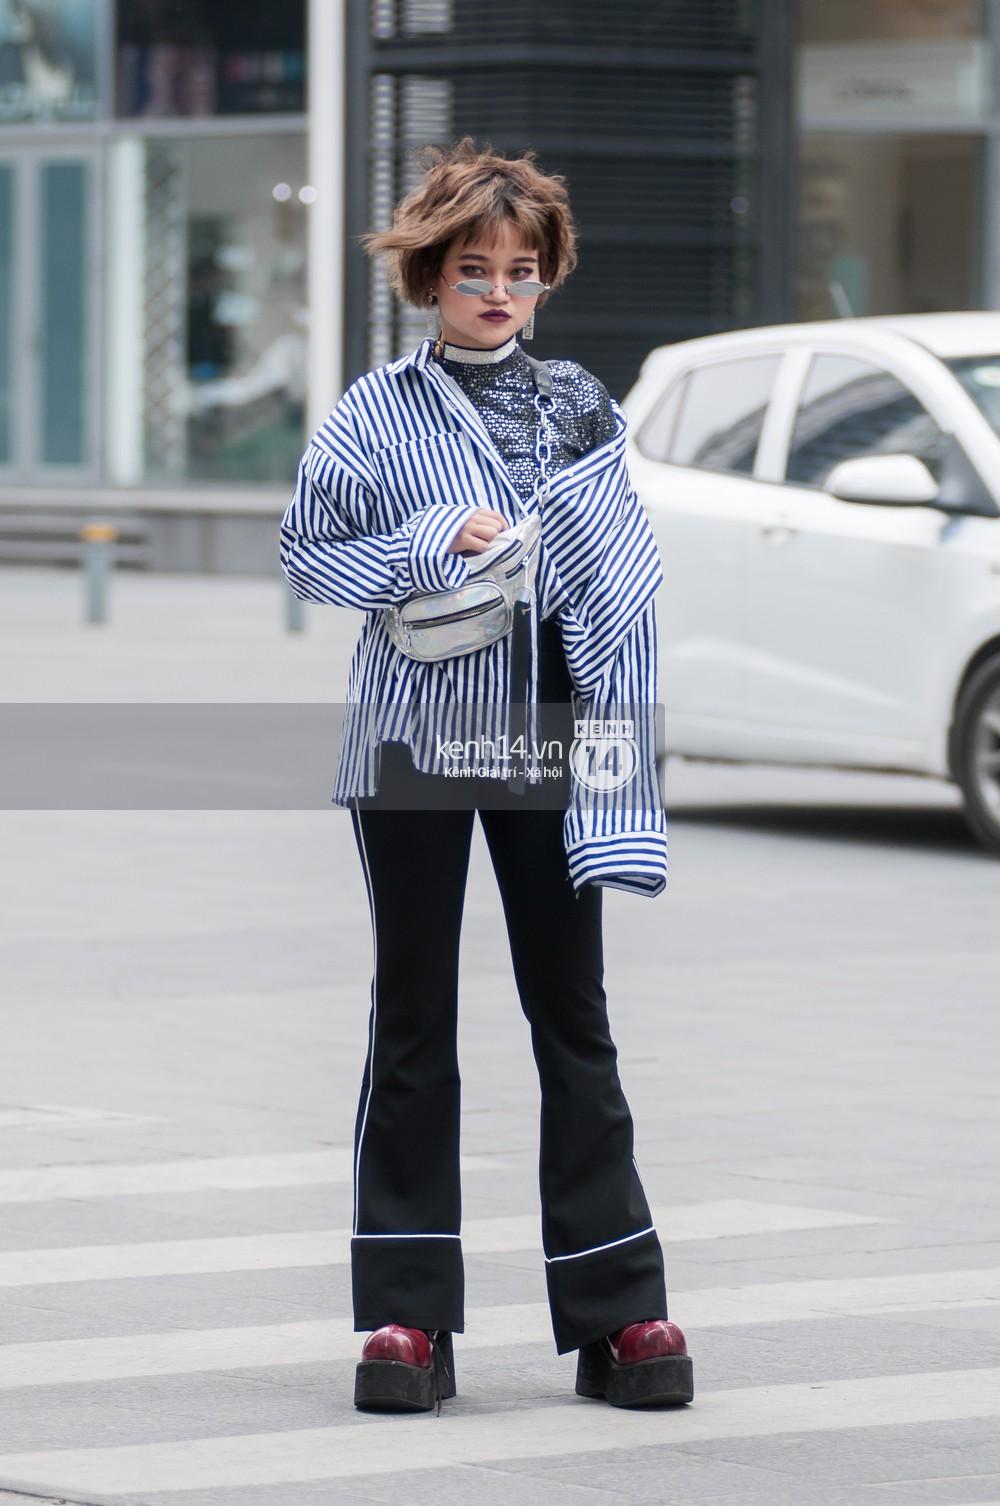 Giới trẻ 2 miền chinh phục loạt hot trend, khoe street style siêu cool và thời thượng - Ảnh 20.